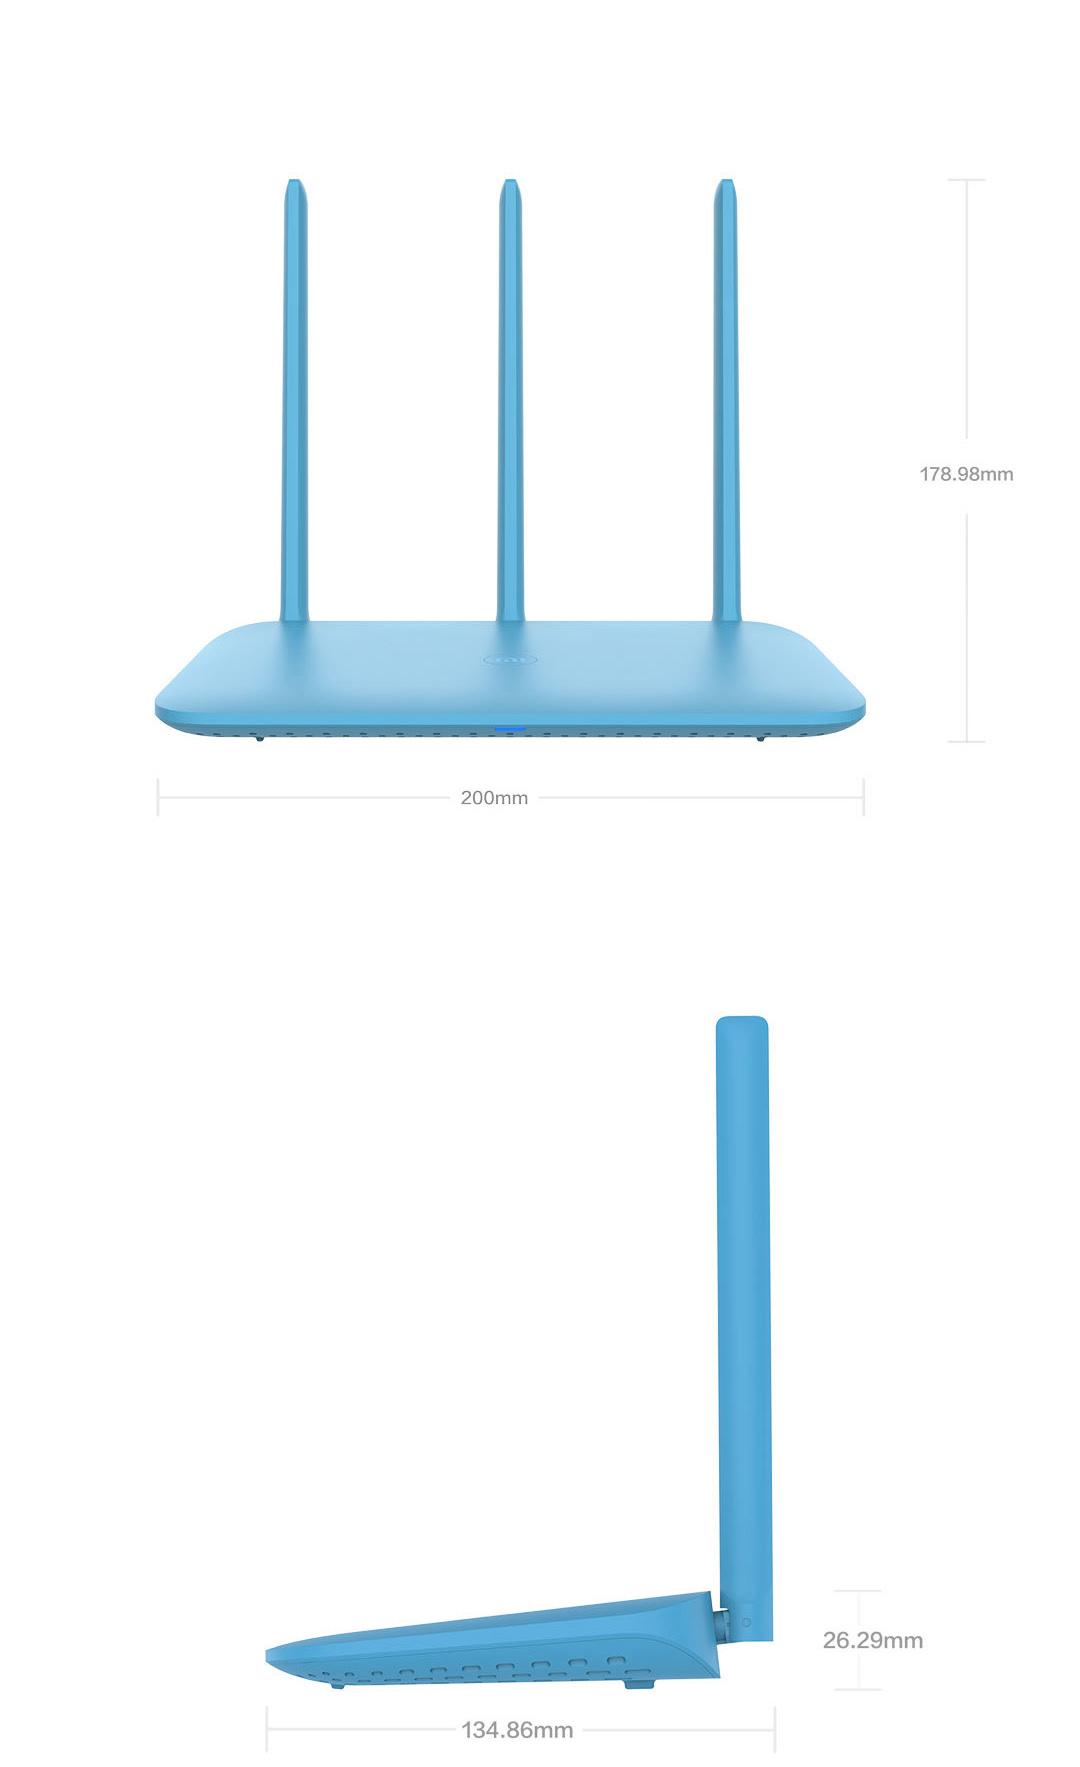 XiaoMi Mi 4Q Wireless Wifi Router 450Mbps 3x 5dBi Antenna One-Key Minet Net-in